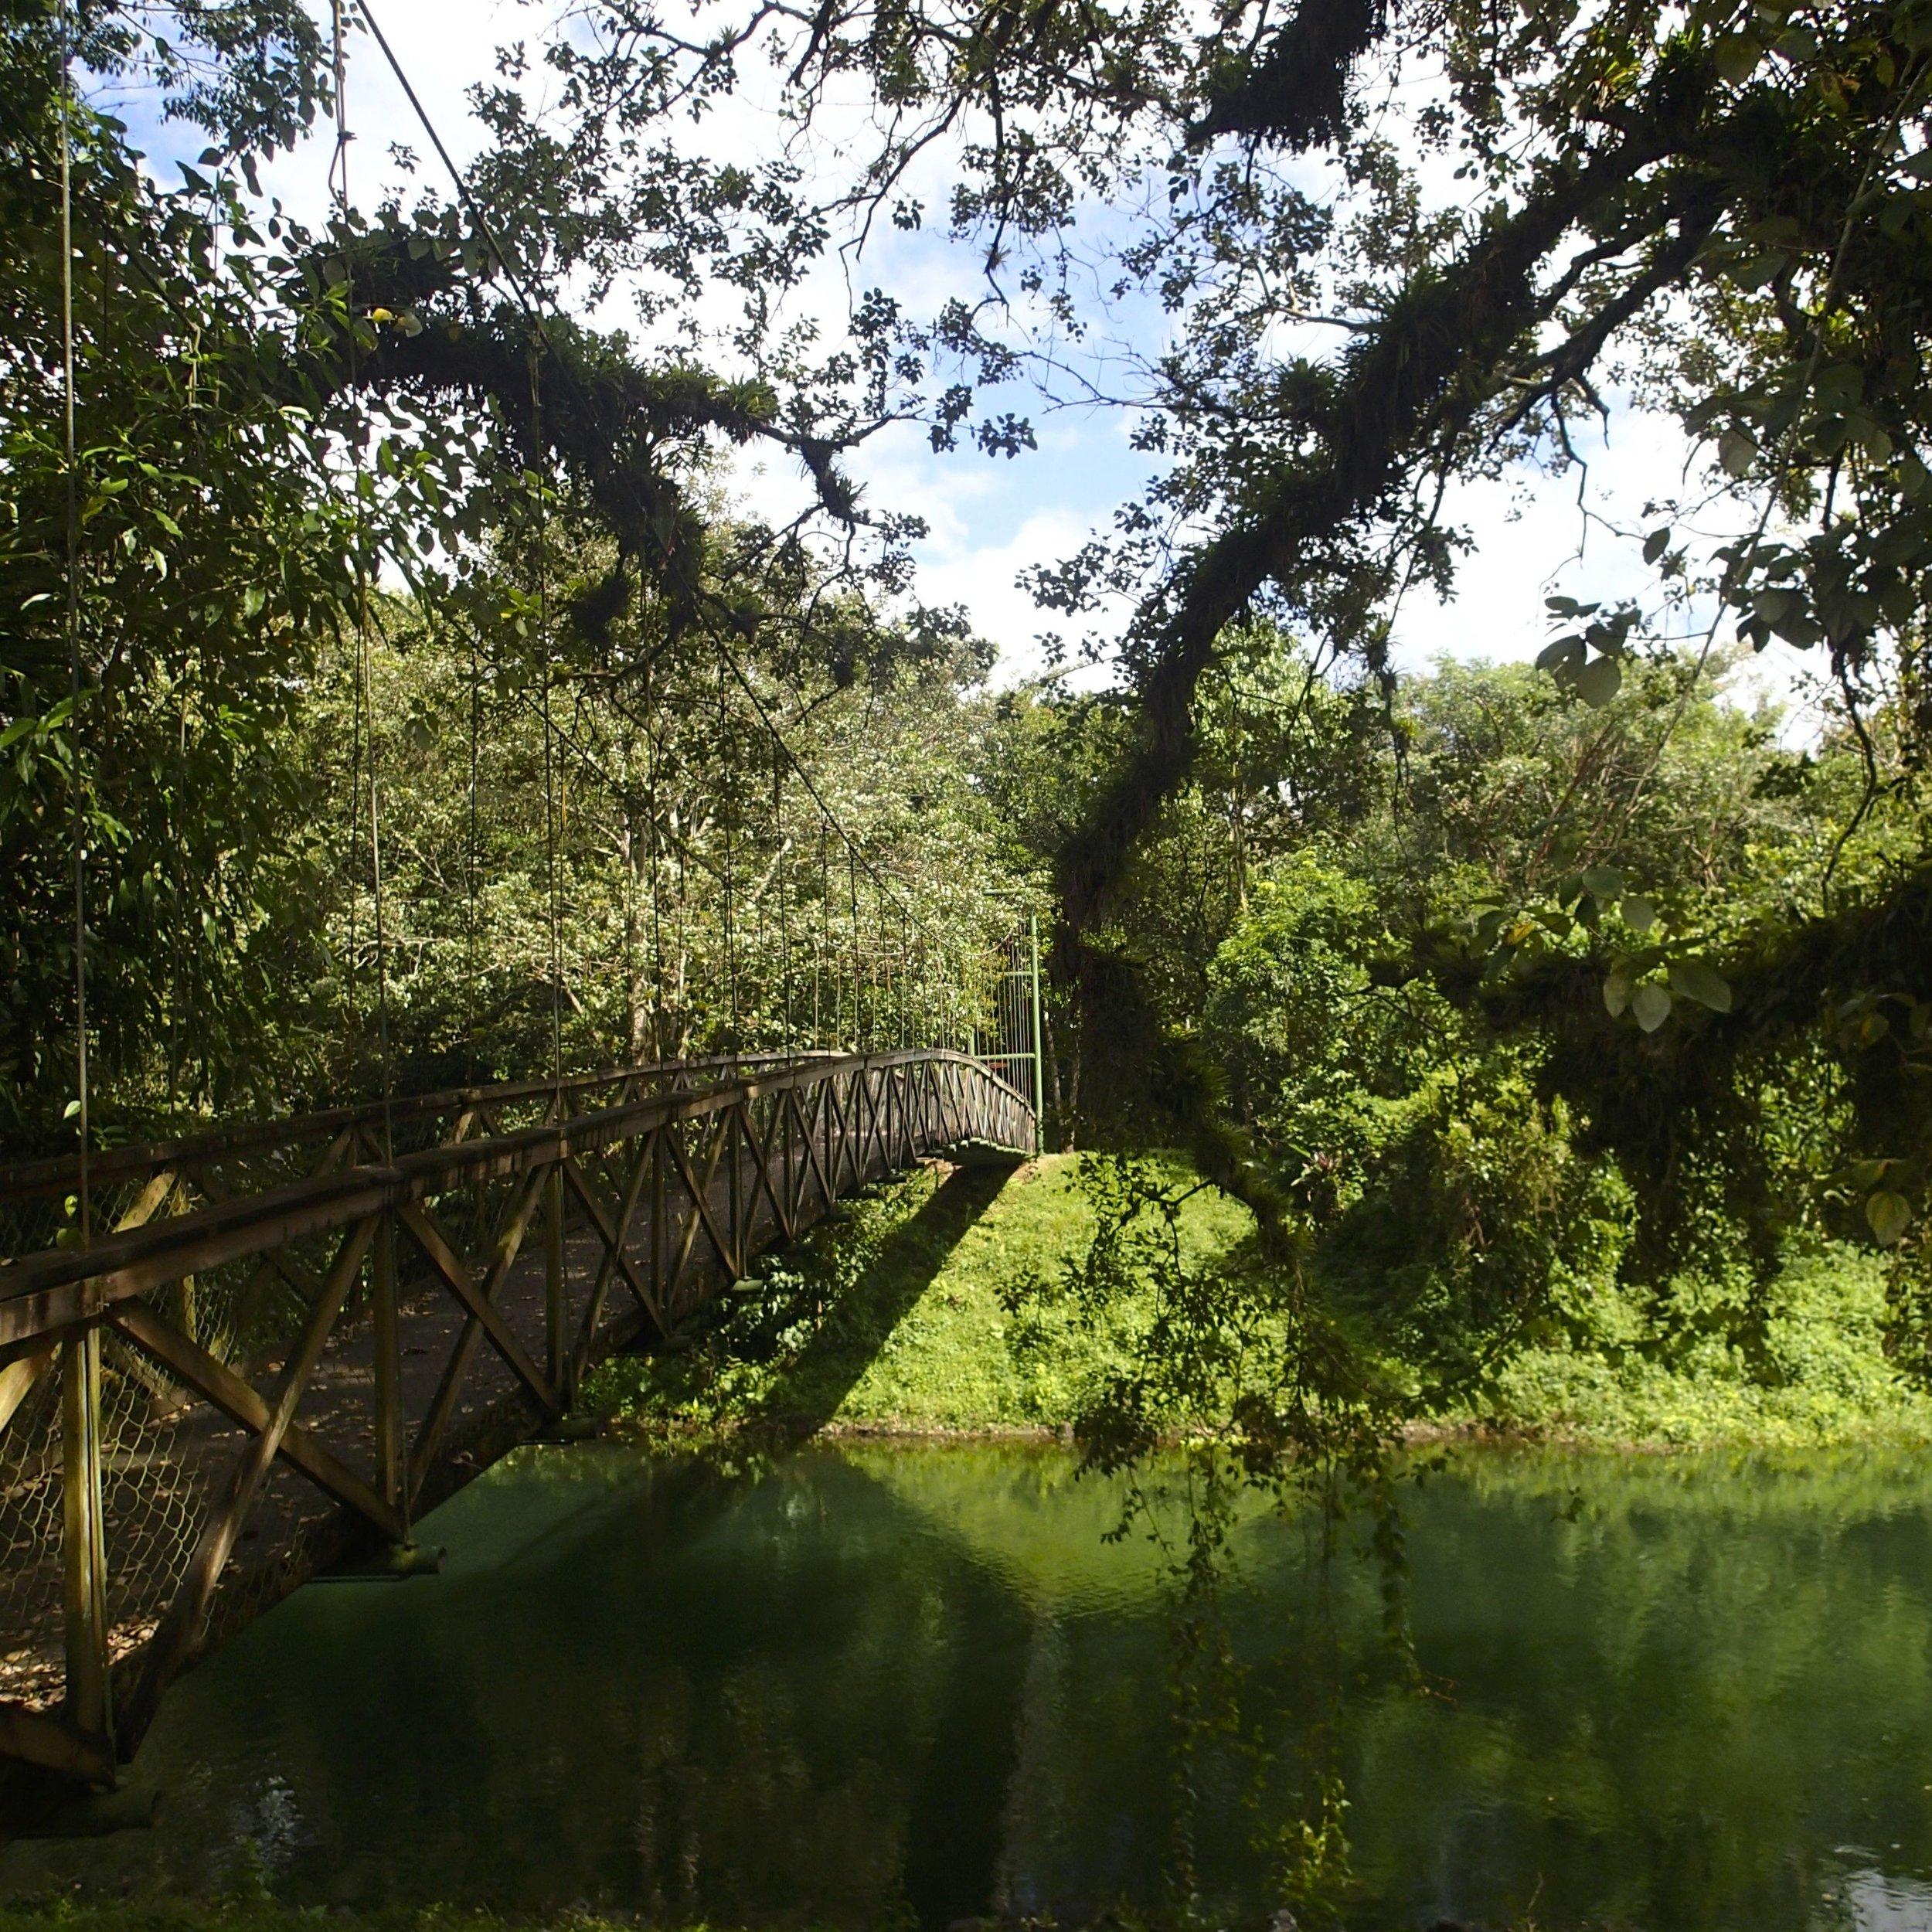 puente colgante.jpg